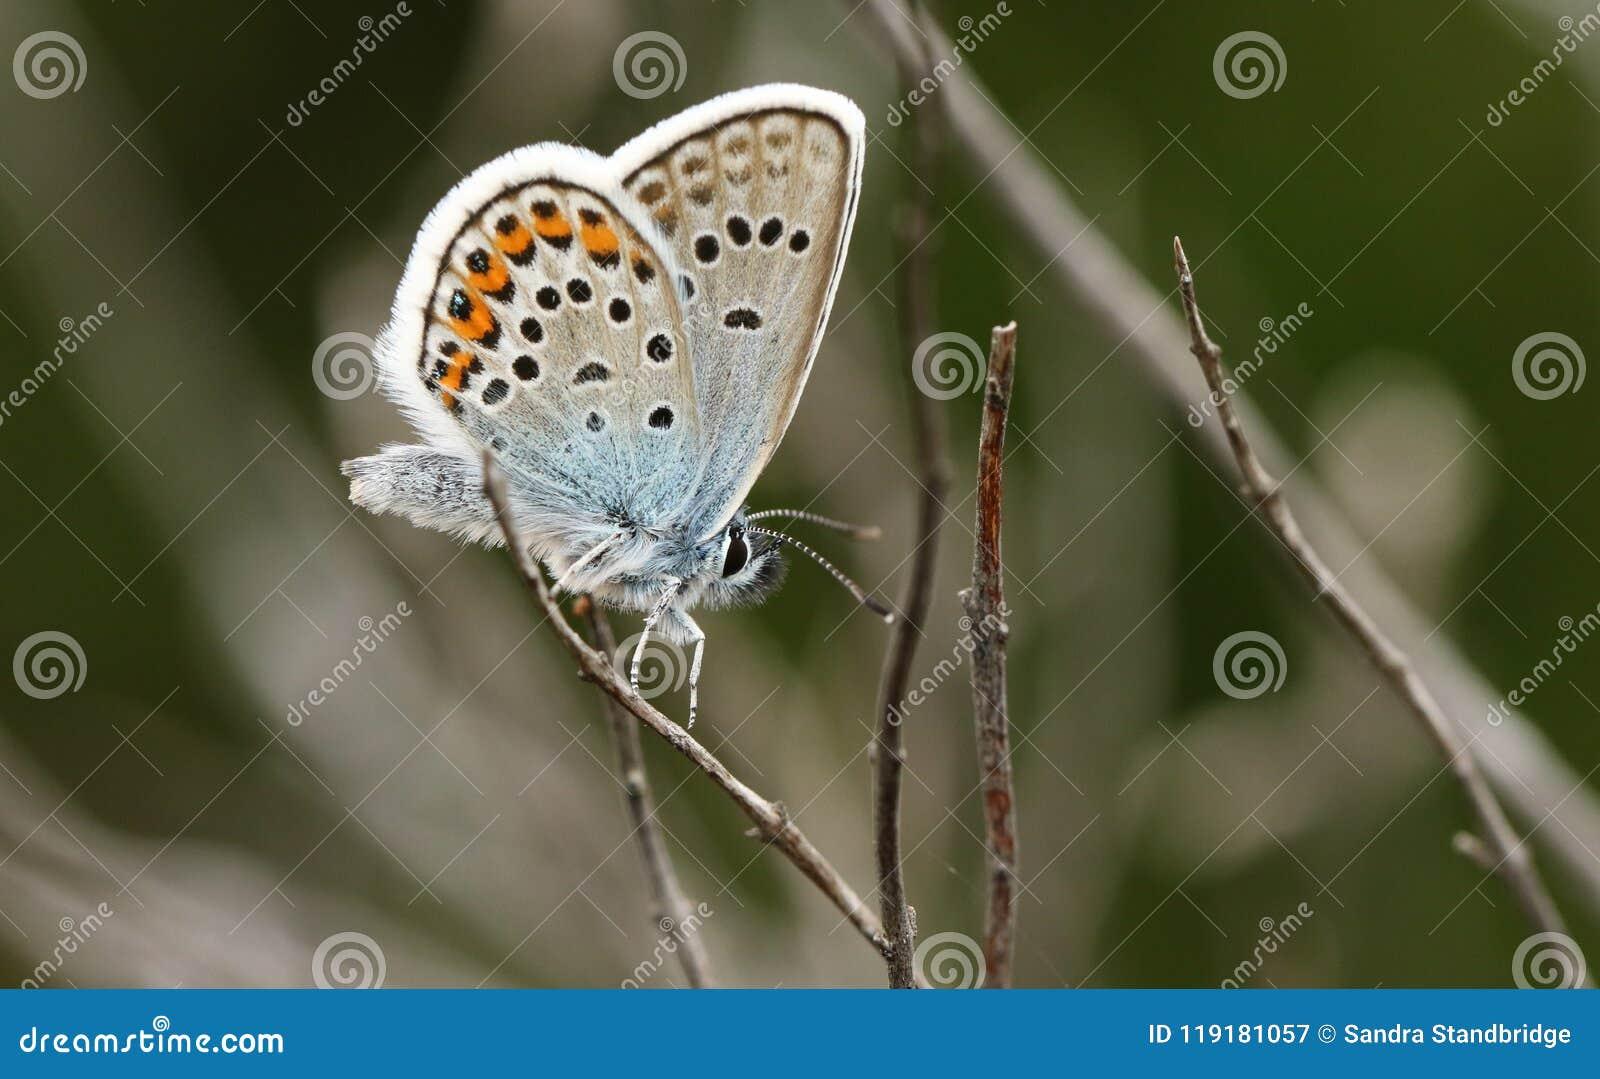 Μια ασημένιος-στερεωμένη αρσενικό μπλε πεταλούδα Plebejus Argus ζάλης που σκαρφαλώνει στην ερείκη